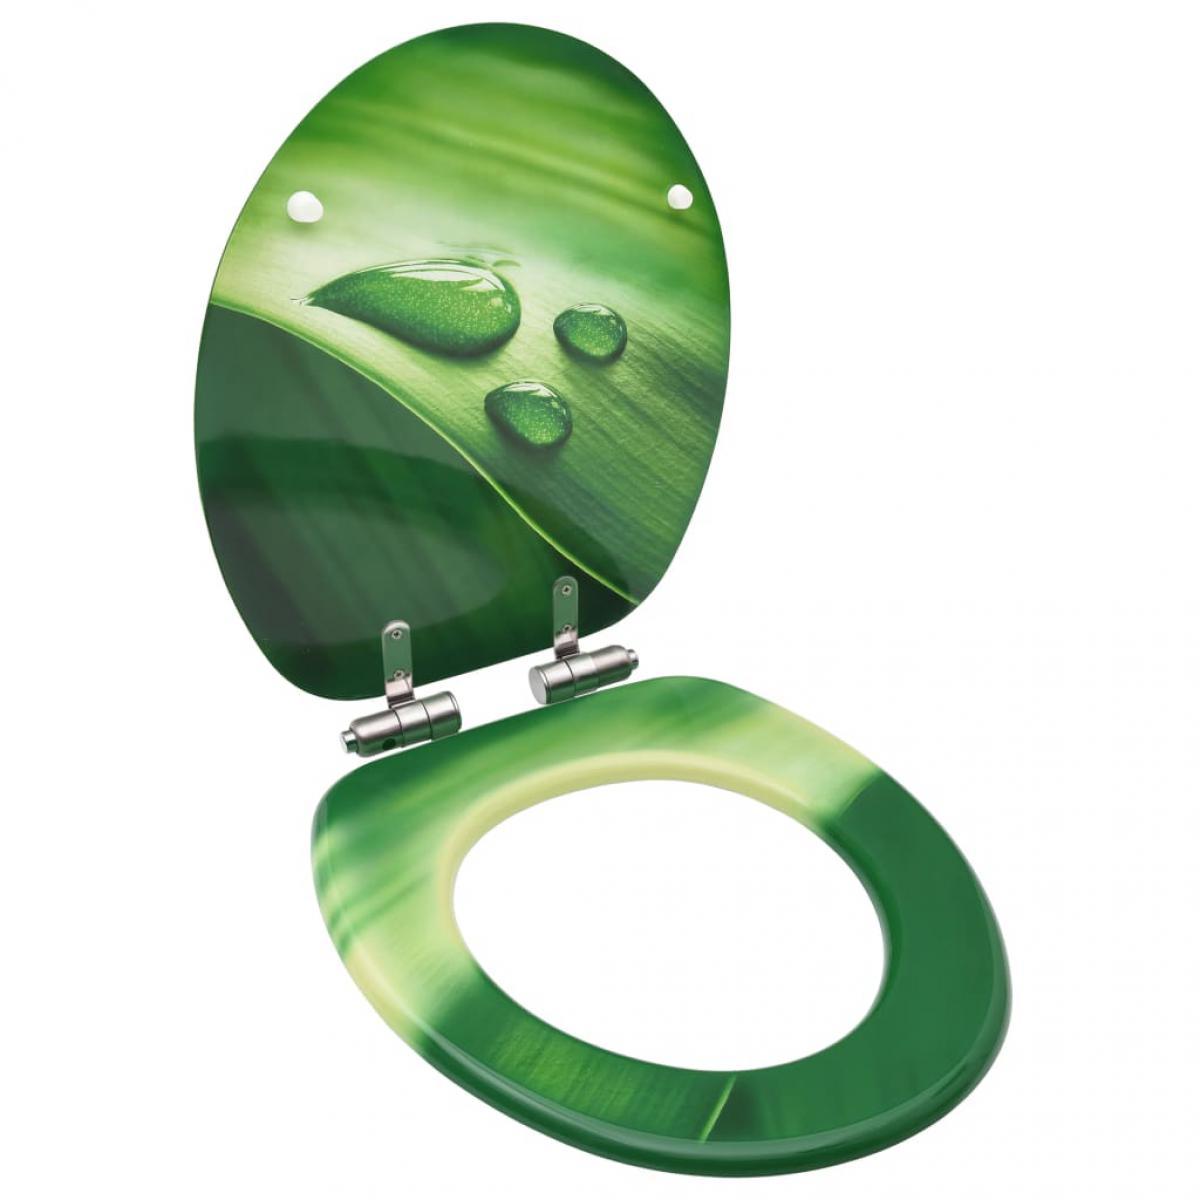 Vidaxl vidaXL Siège WC Couvercle fermeture en douceur MDF Vert Gouttes d'eau